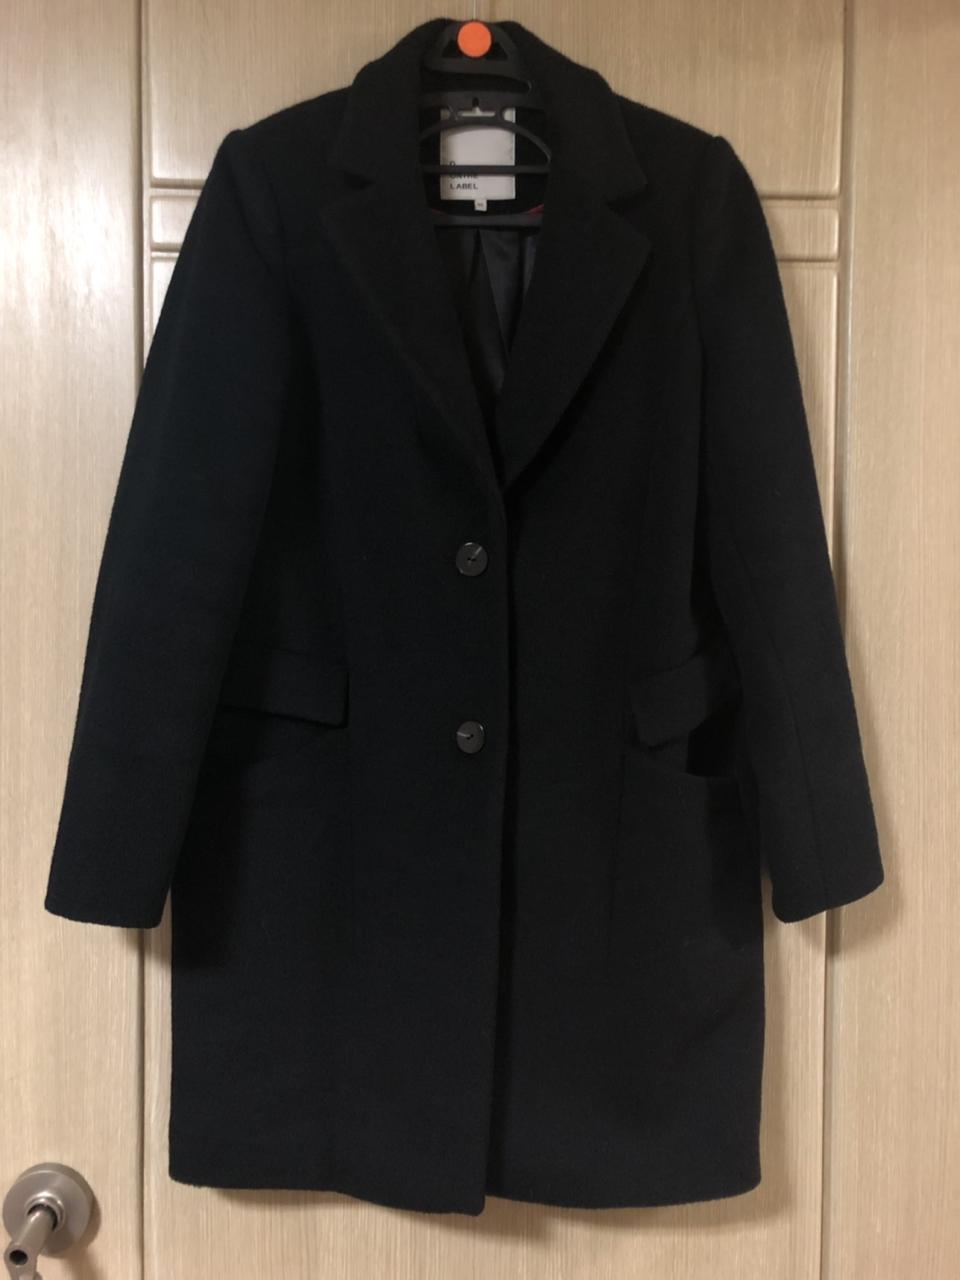 디온더레이블 검정 블랙 울코트 모코트 여자코트